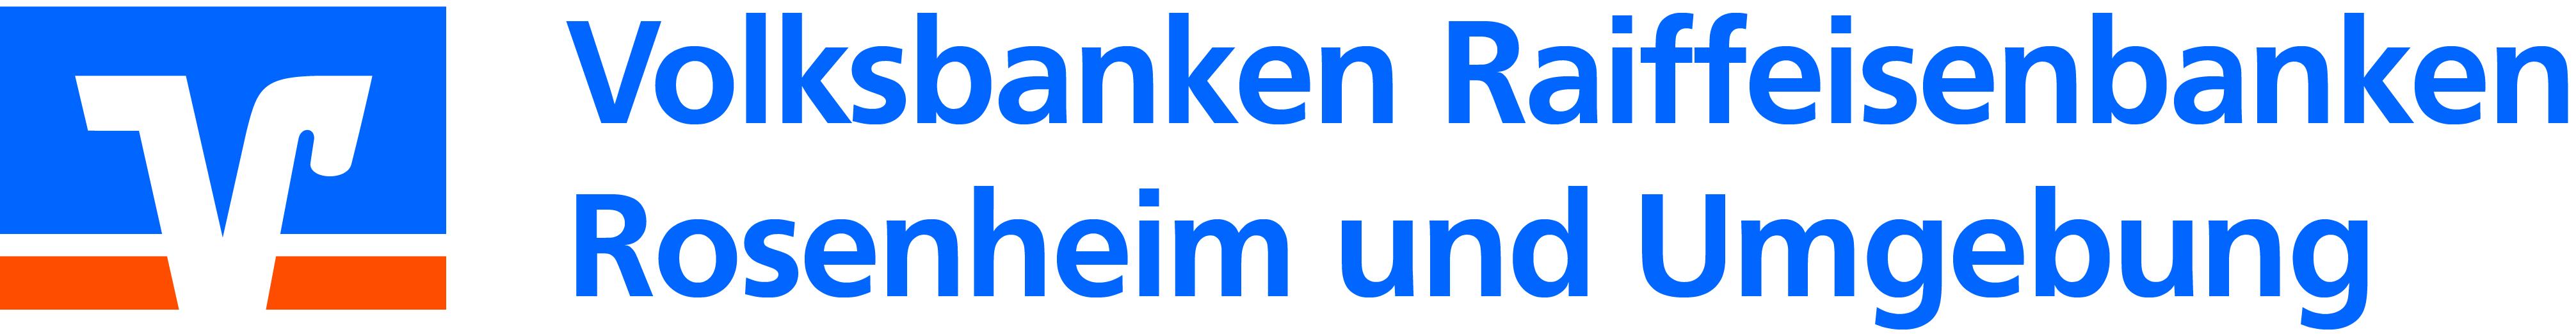 Logo der Volksbank Raiffeisenbanken in Stadt und Landkreis Rosenheim